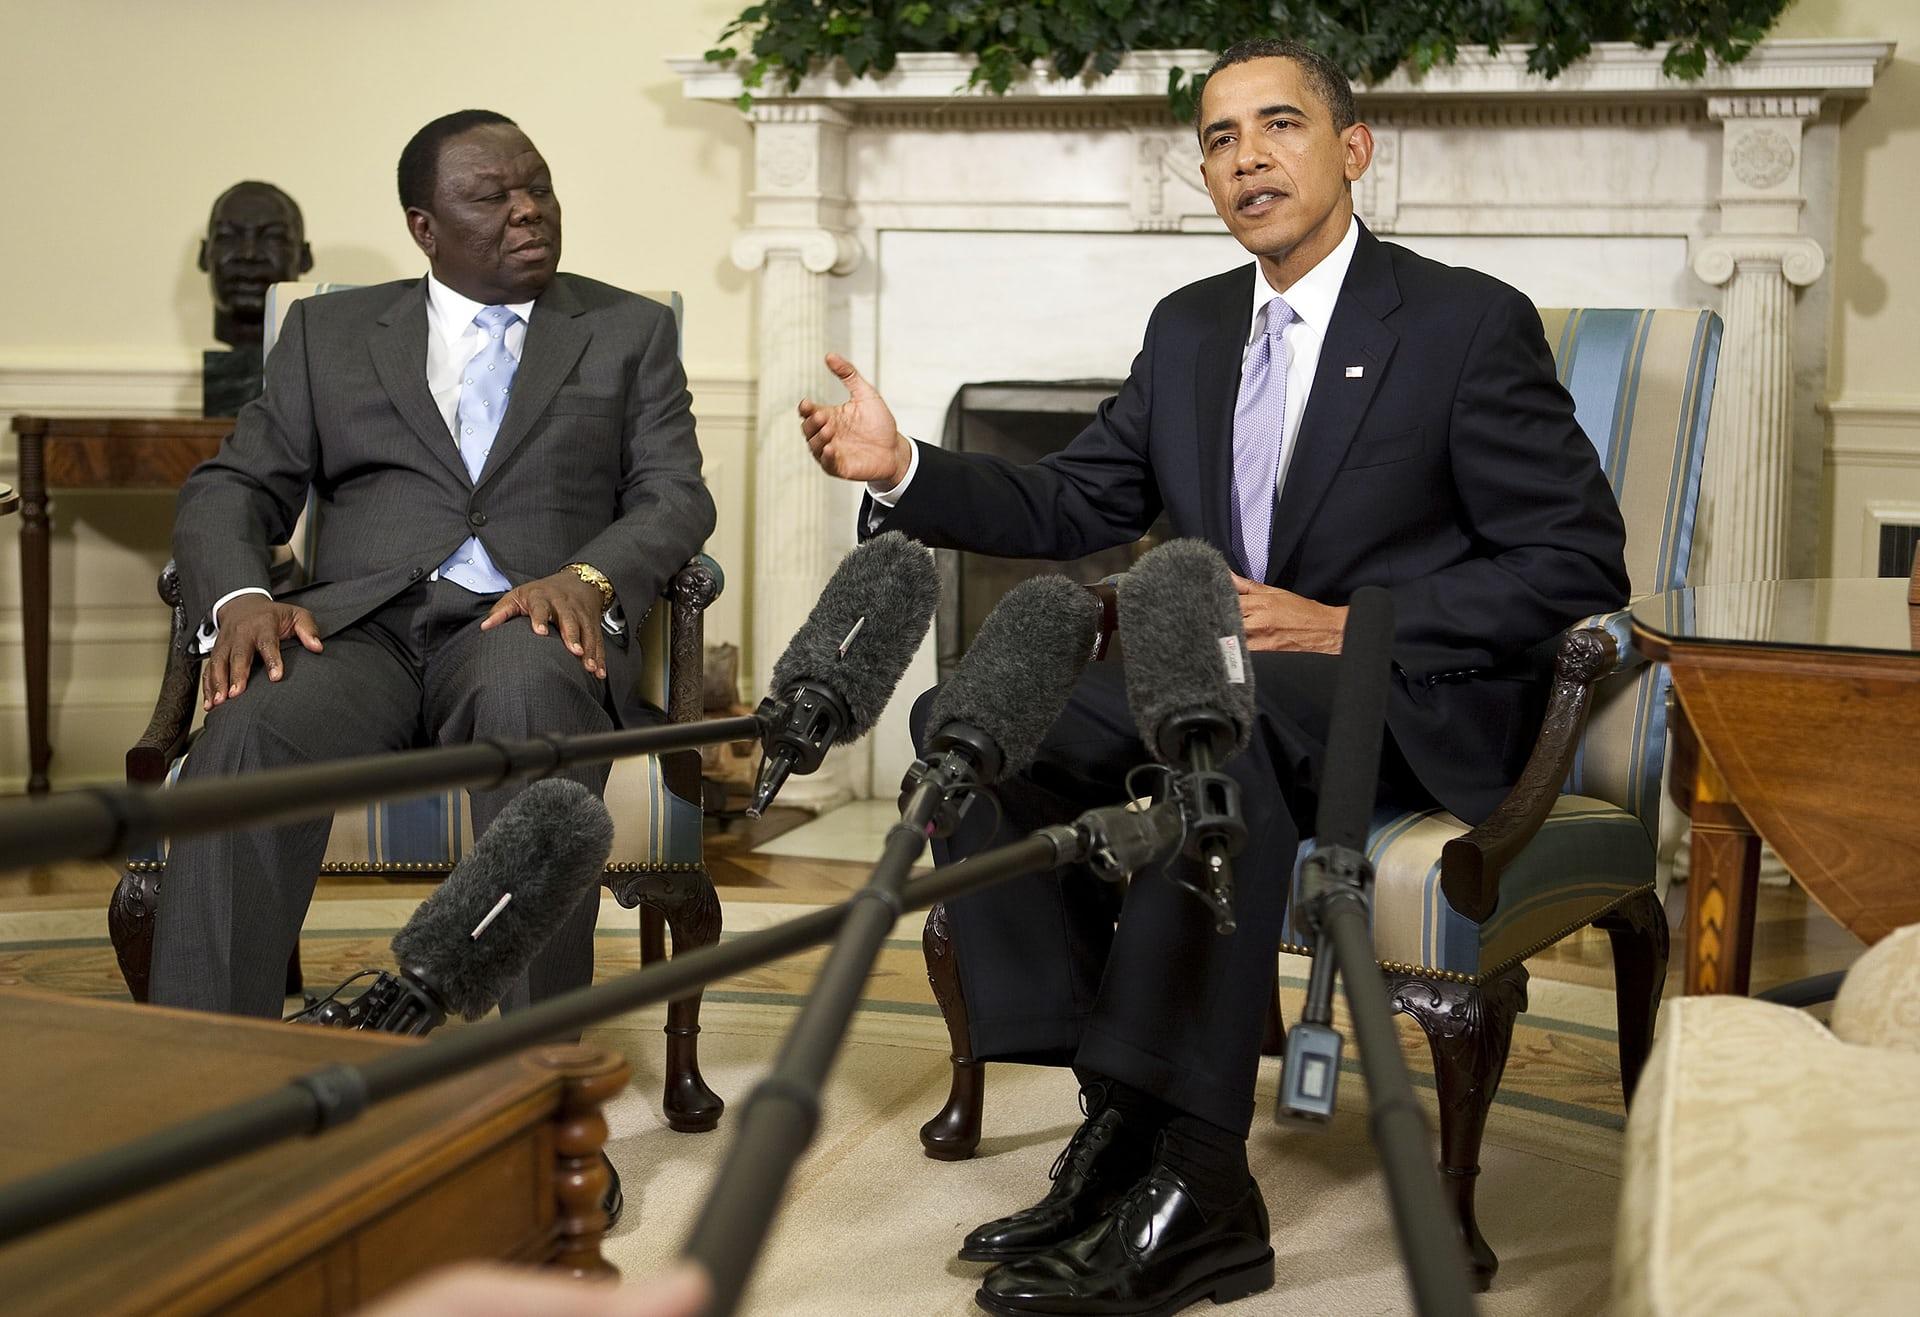 Tsvangirai meets then US president Barack Obama in the White House in June 2009.